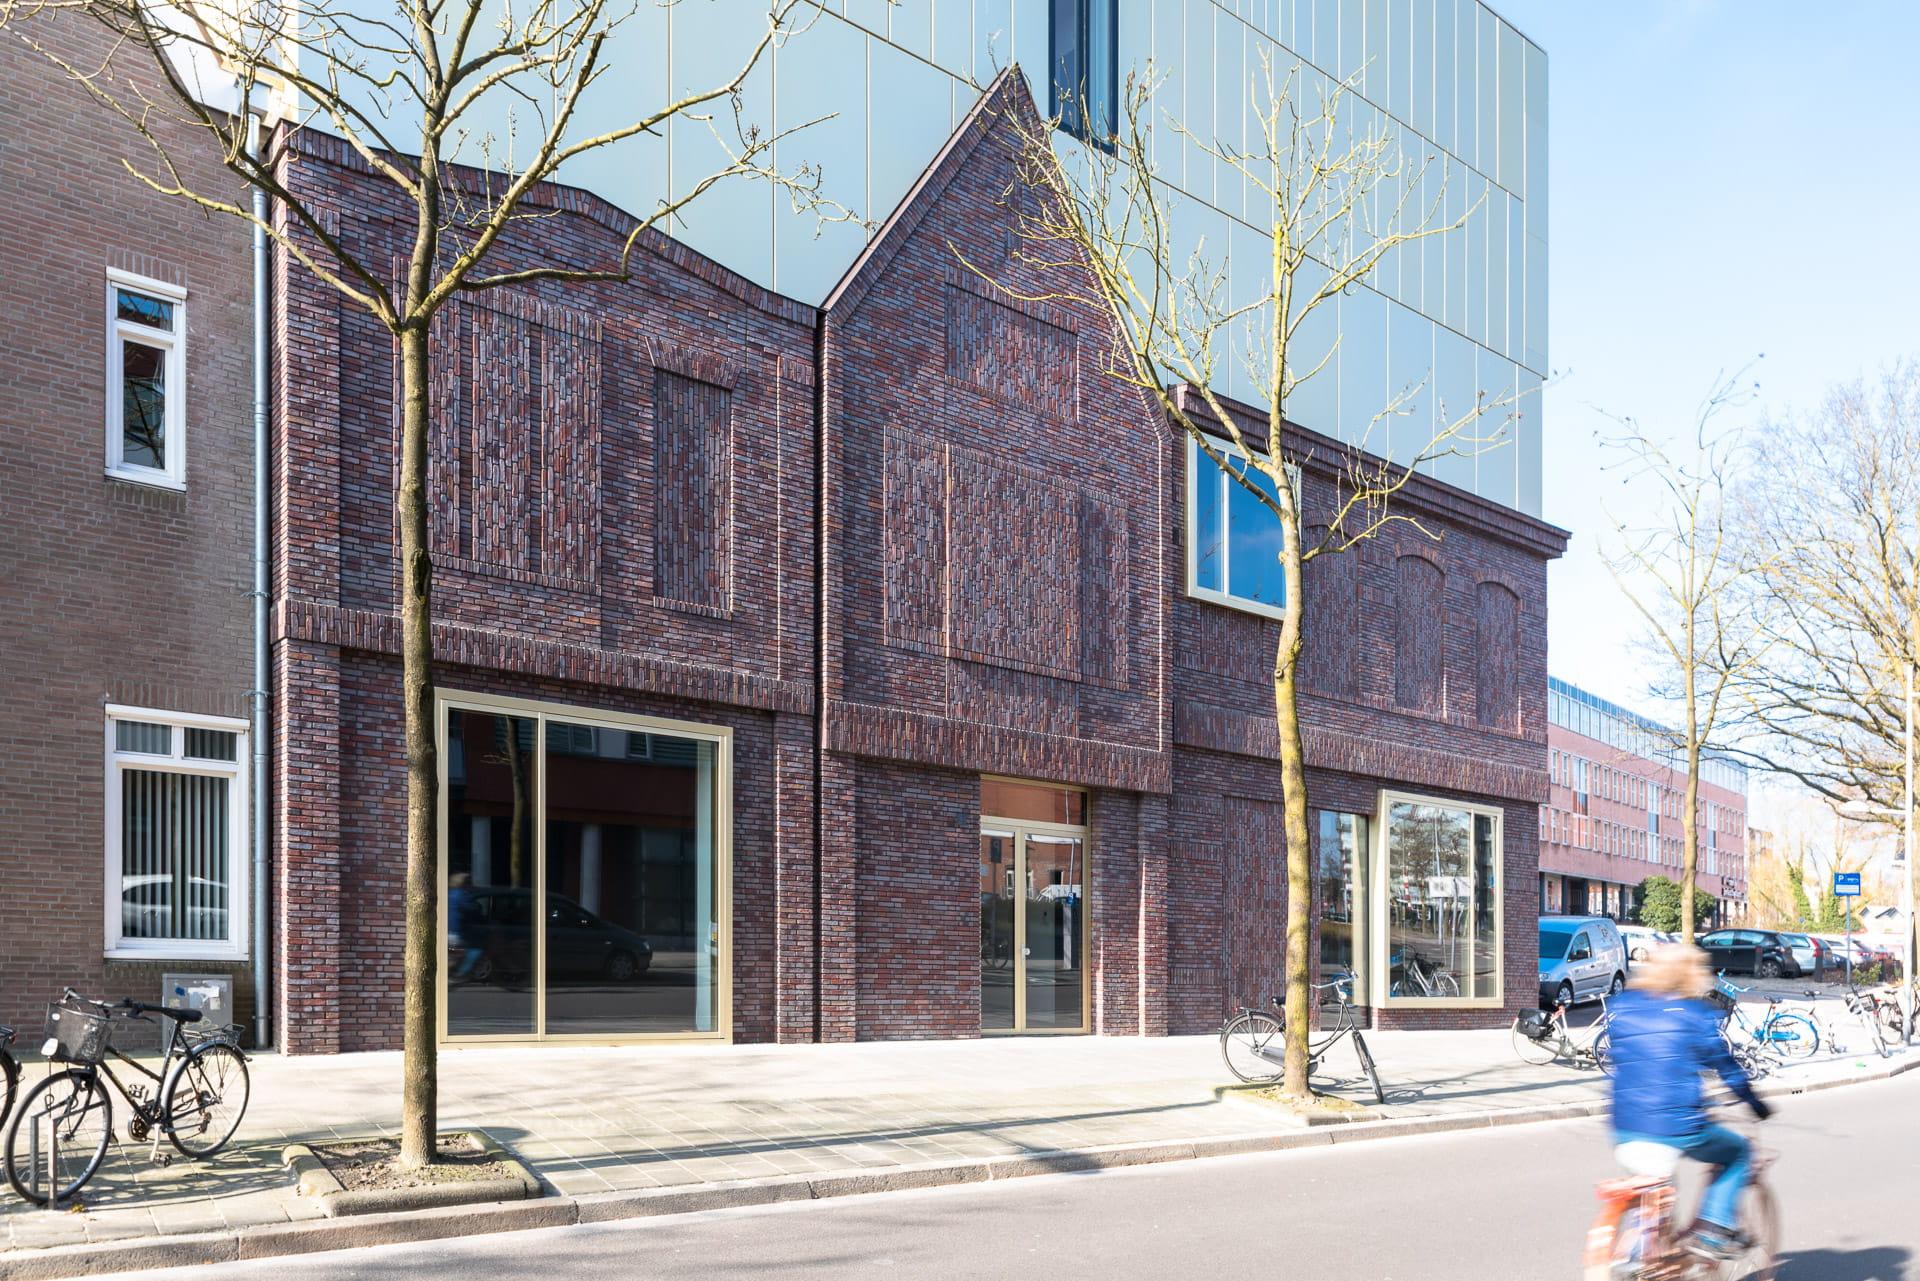 Gevel van het Prins Claus Conservatorium in Groningen